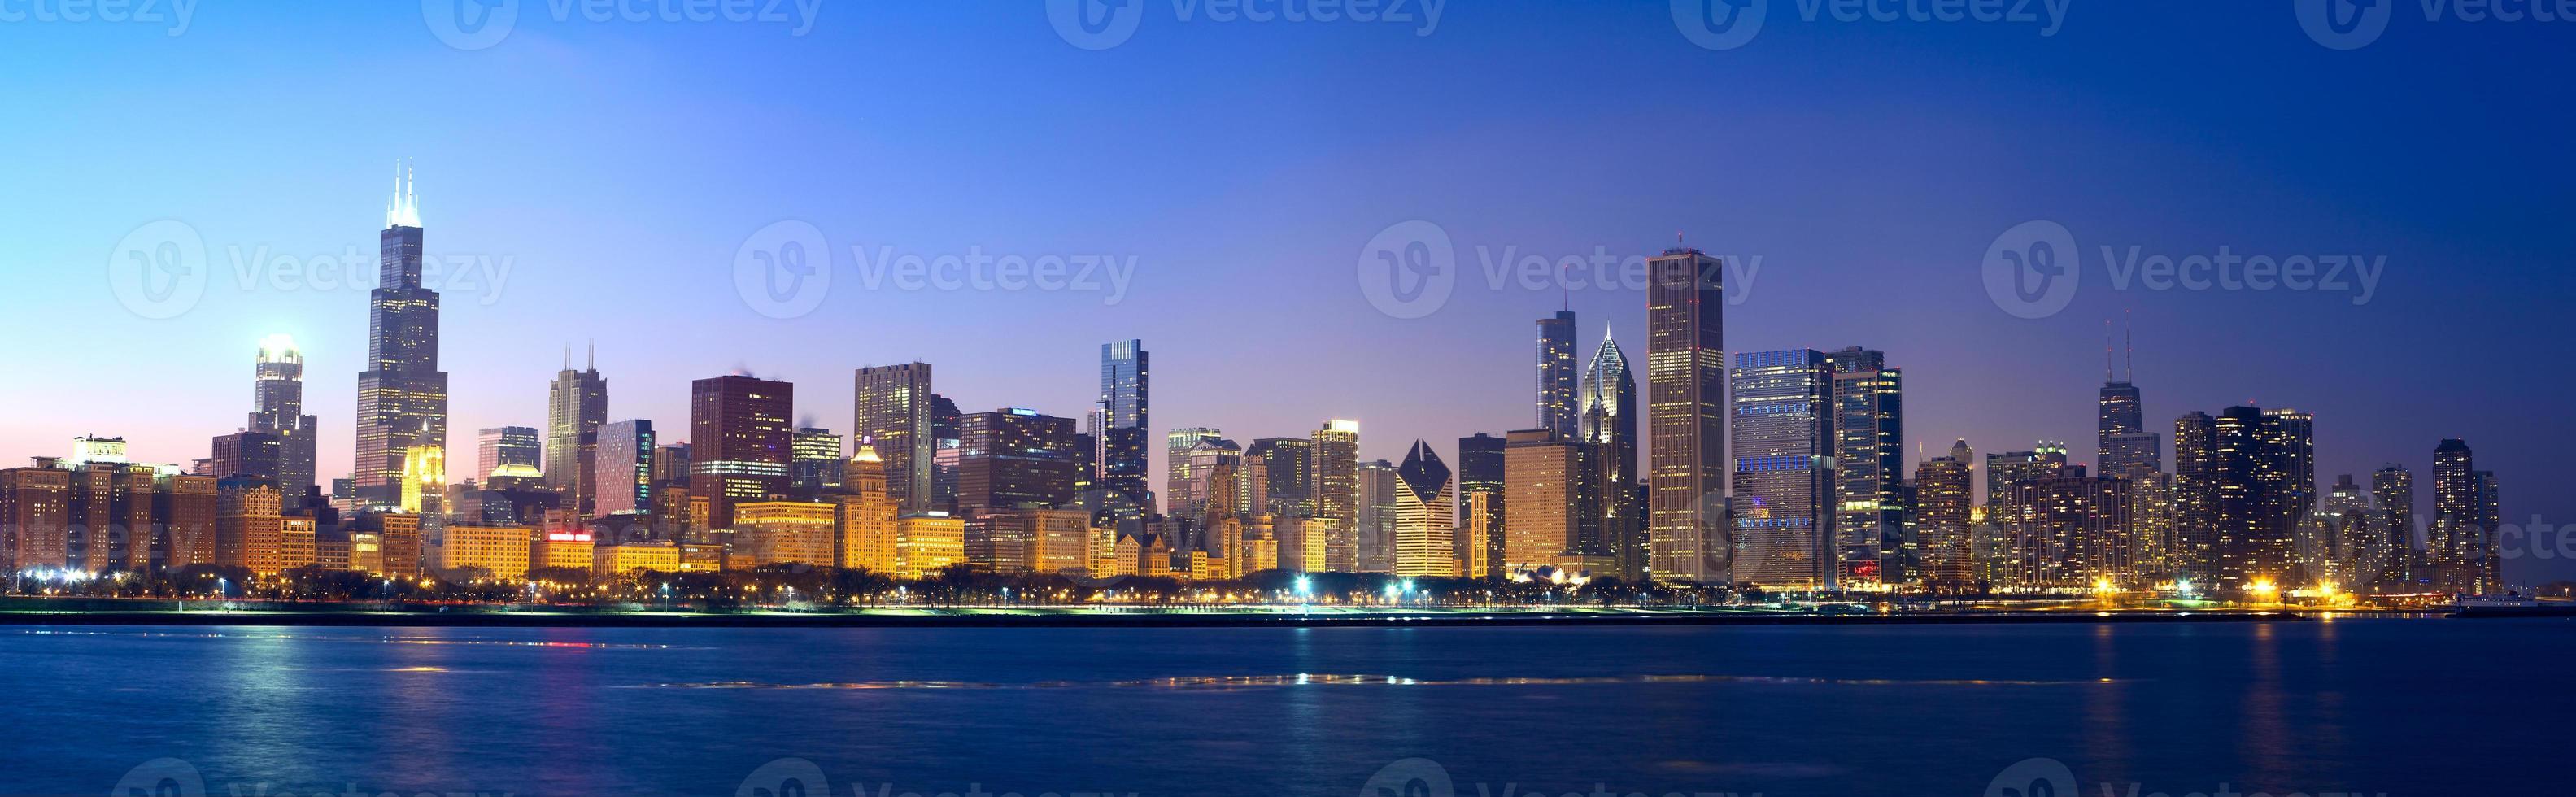 ein Panoramablick auf die Skyline von Chicago foto